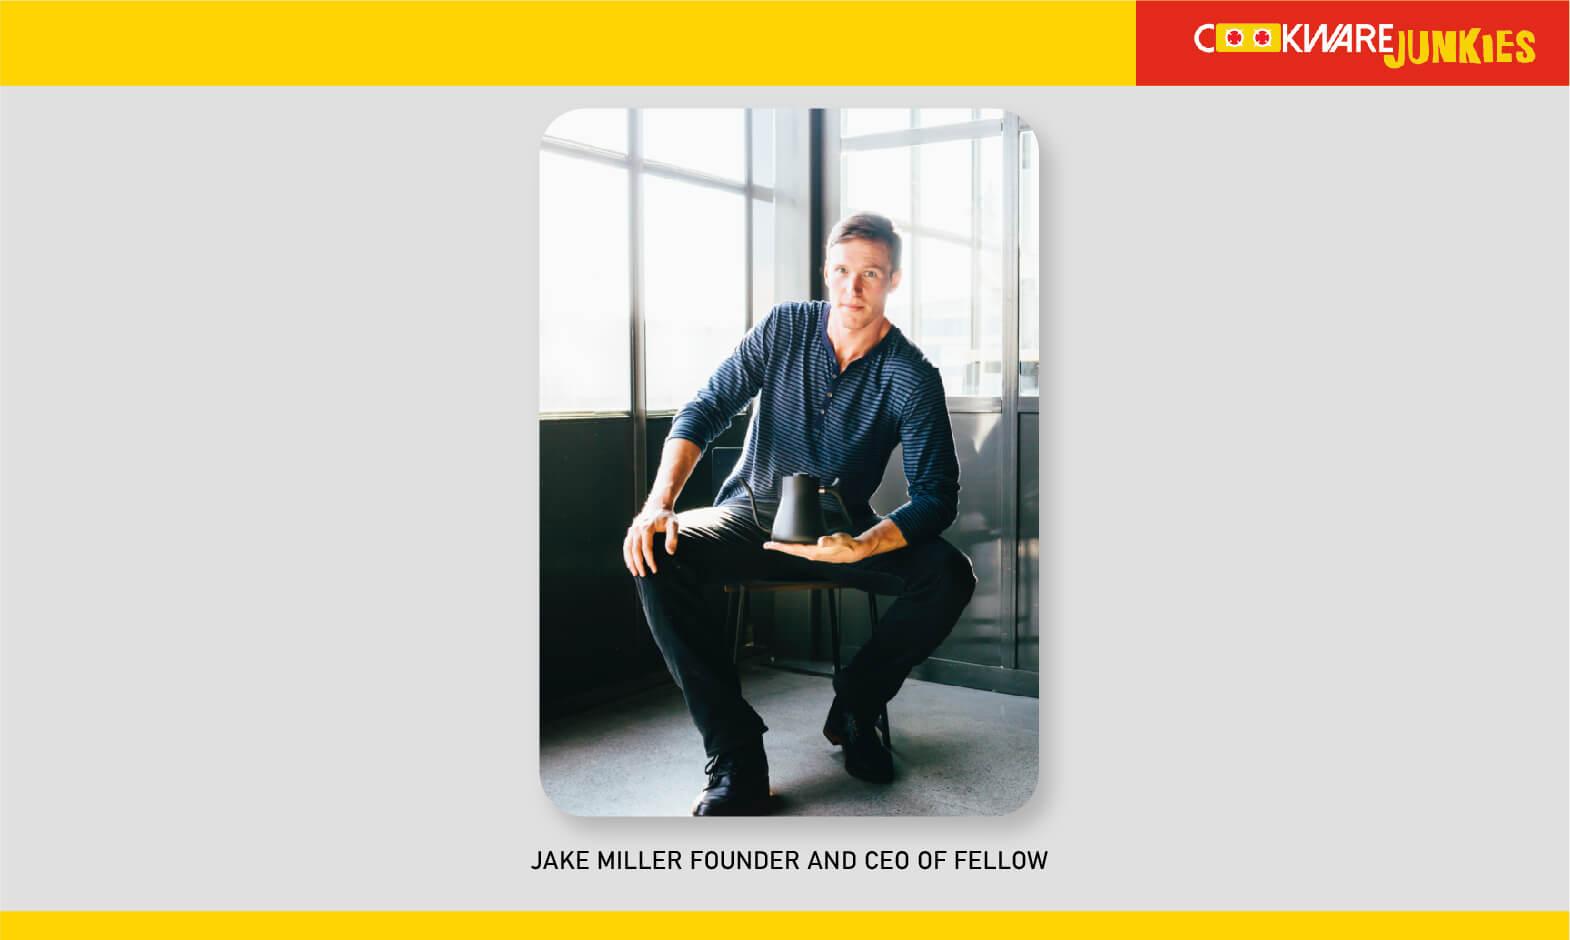 Jake Miller founder of fellow